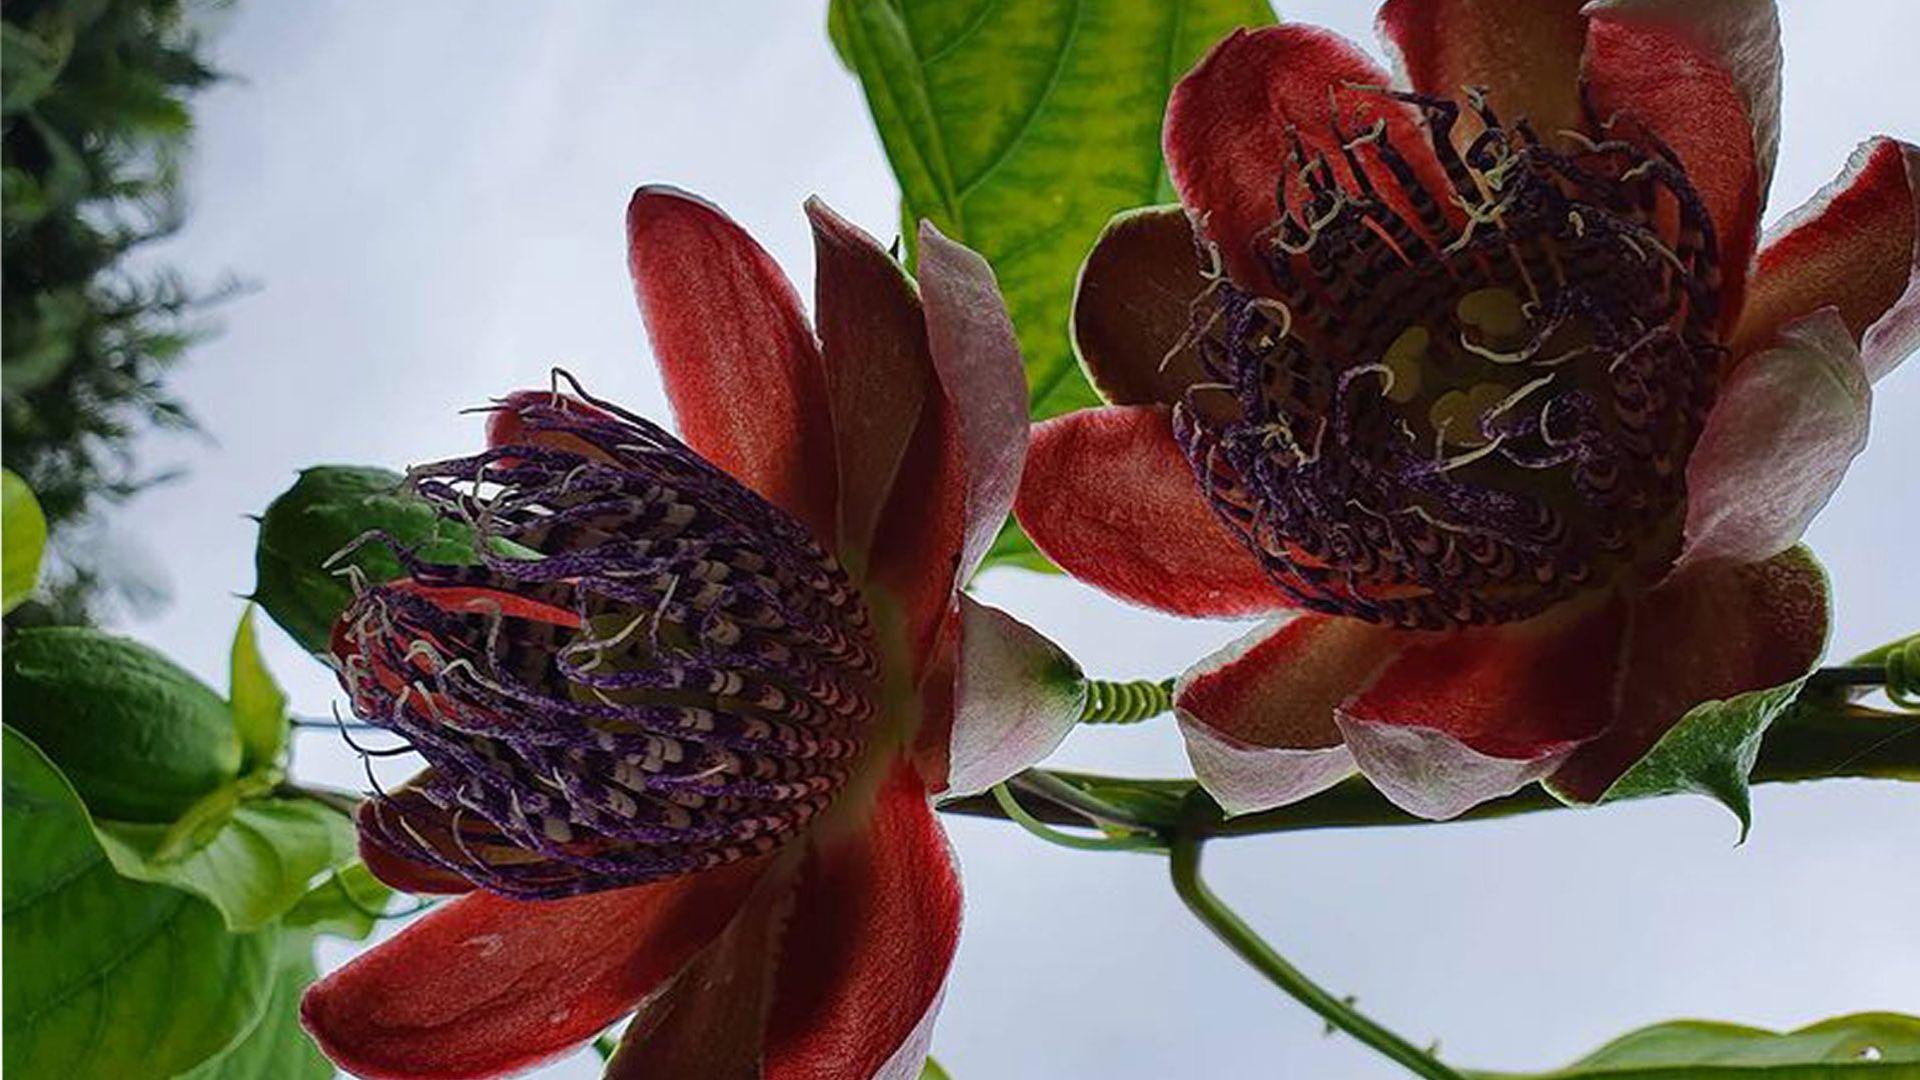 Florada de maracujá doce na Rota do Carmo, na Pedra Azul, Região do município de Domingos Martins